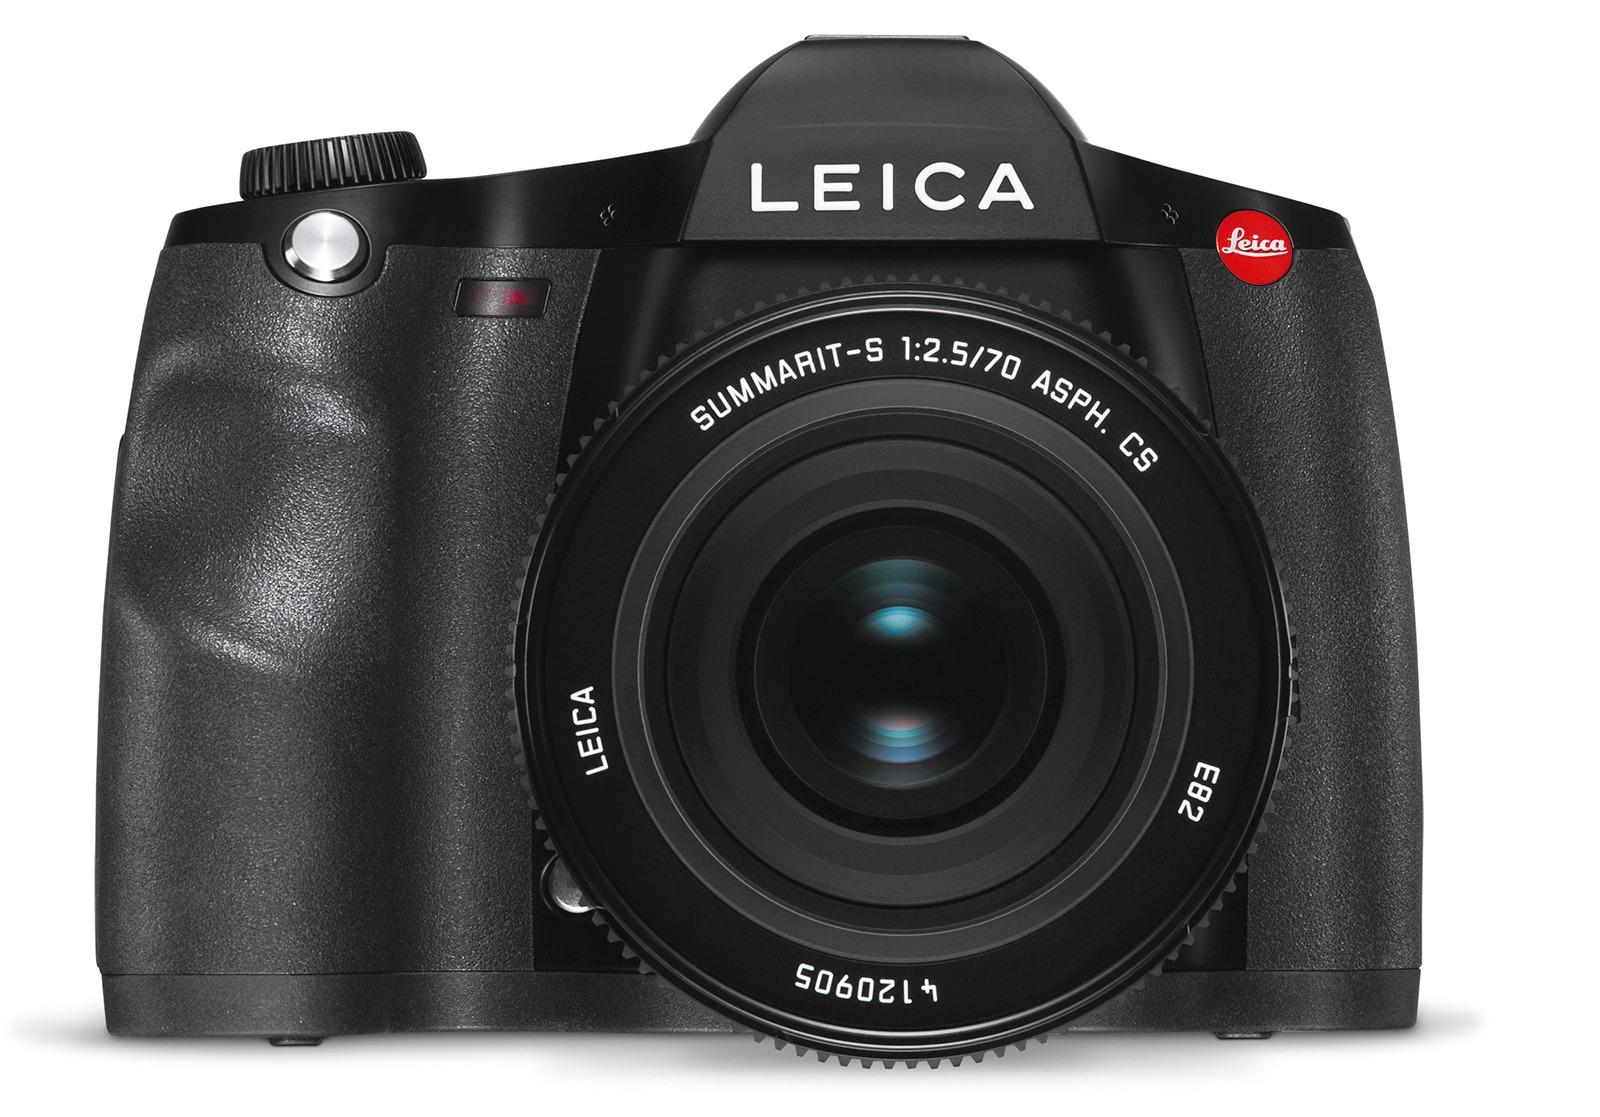 Leica S3 ra mắt với cảm biến Medium Format 64MP và quay video 4K - 3